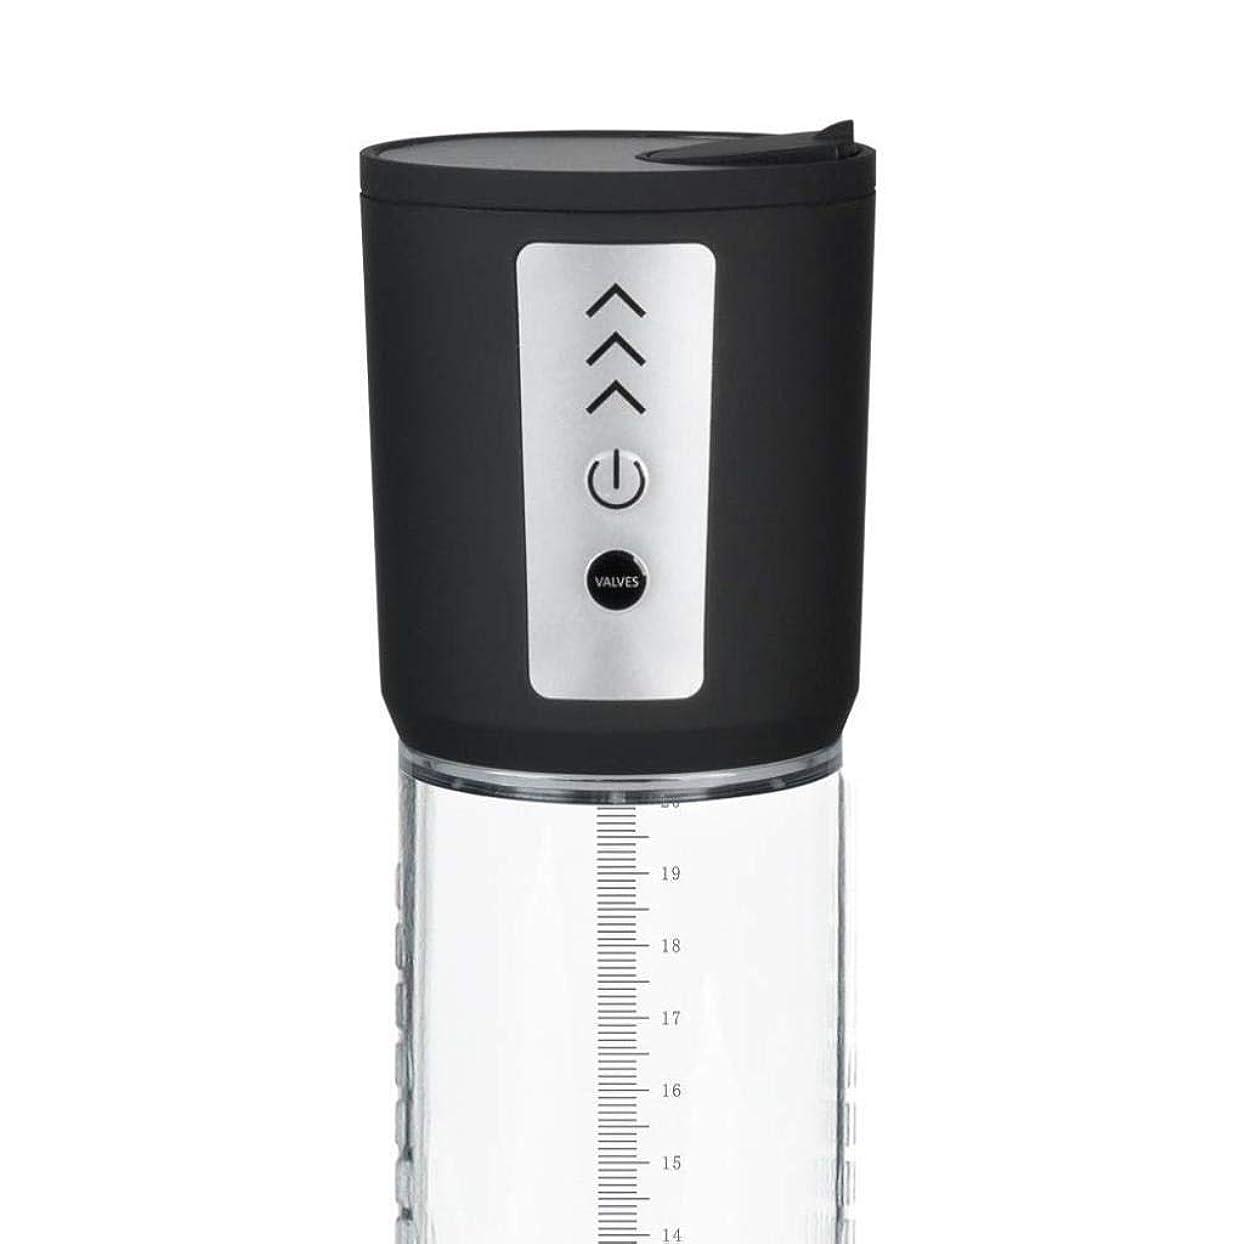 強います簡潔な荒らすBYBGLAアメージングハッピー Pǔ-MP-Eのn-largement男性のペニス空気圧機器エンハンサーおもちゃ自動用Vacuu-MPǔ-MP Enha ^ ncerペニスエクササイズE-N-エクステンダー あなたの最良の選択